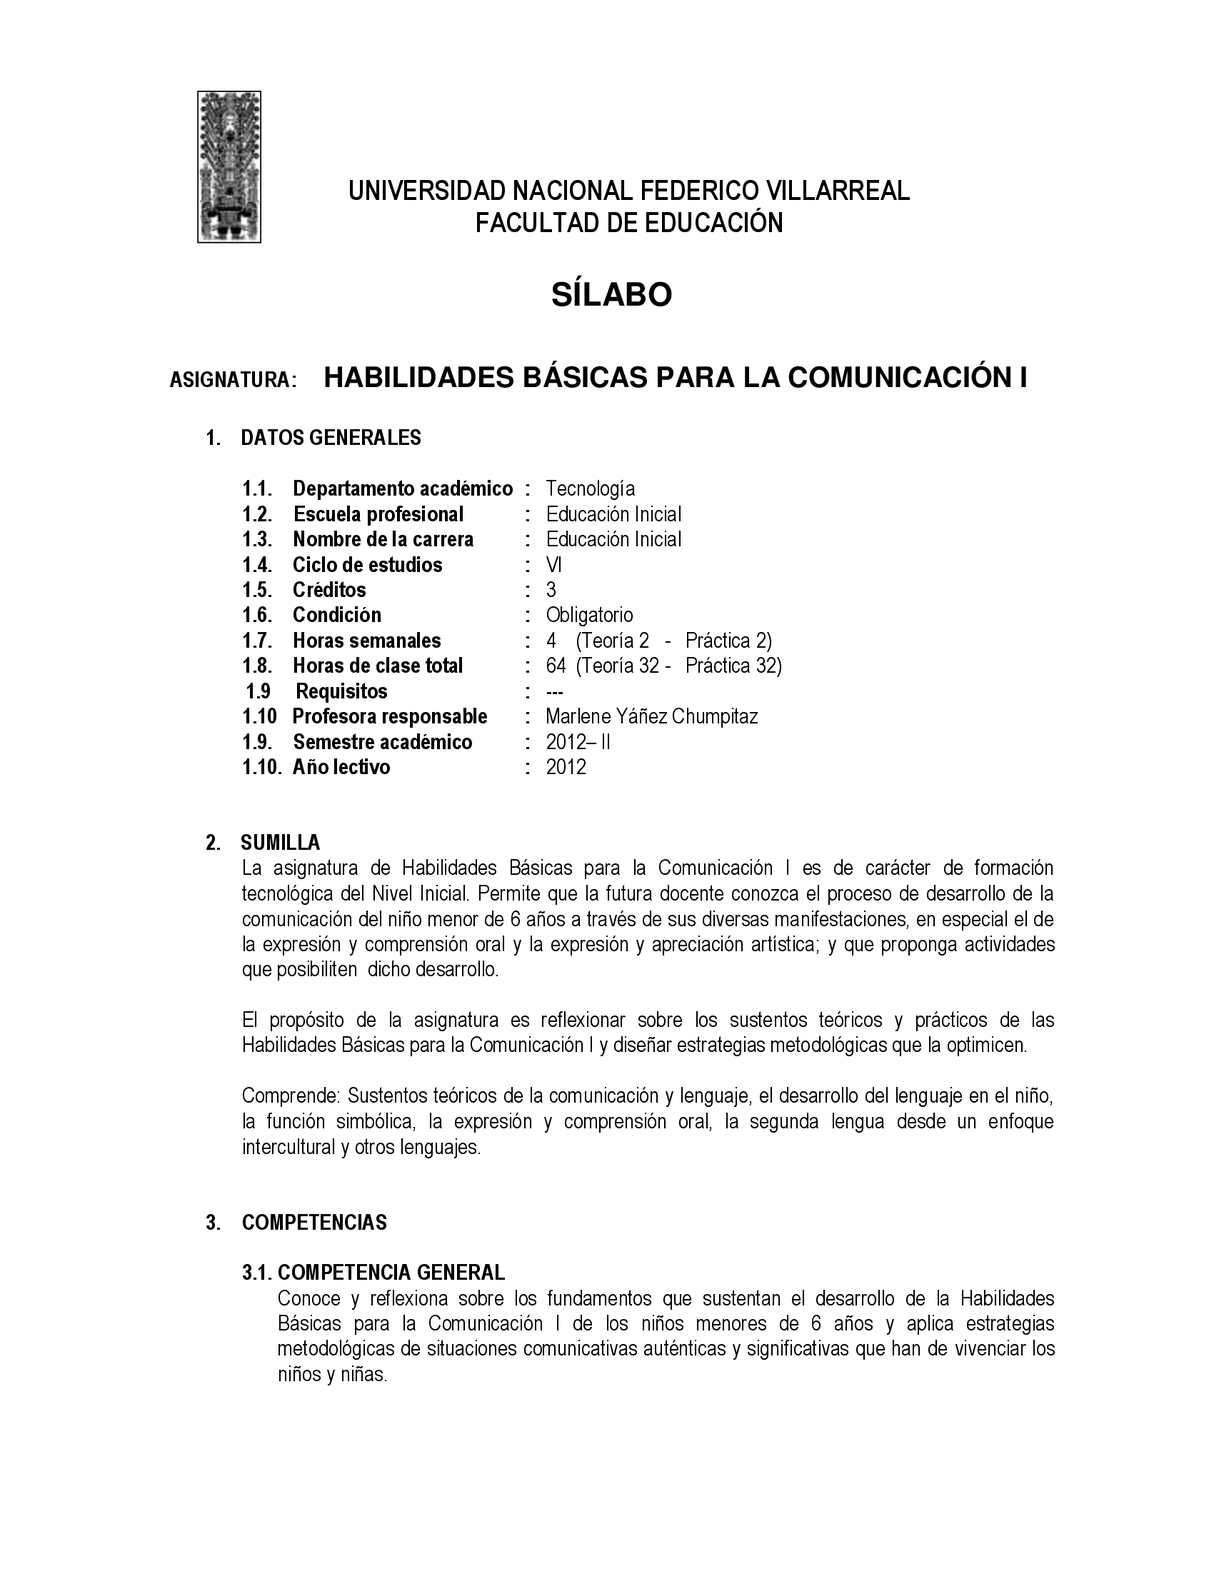 8934dacfb3 Calaméo - SÍLABUS DE HABILIDADES BÁSICA PARA LA COMUNICACIÓN I